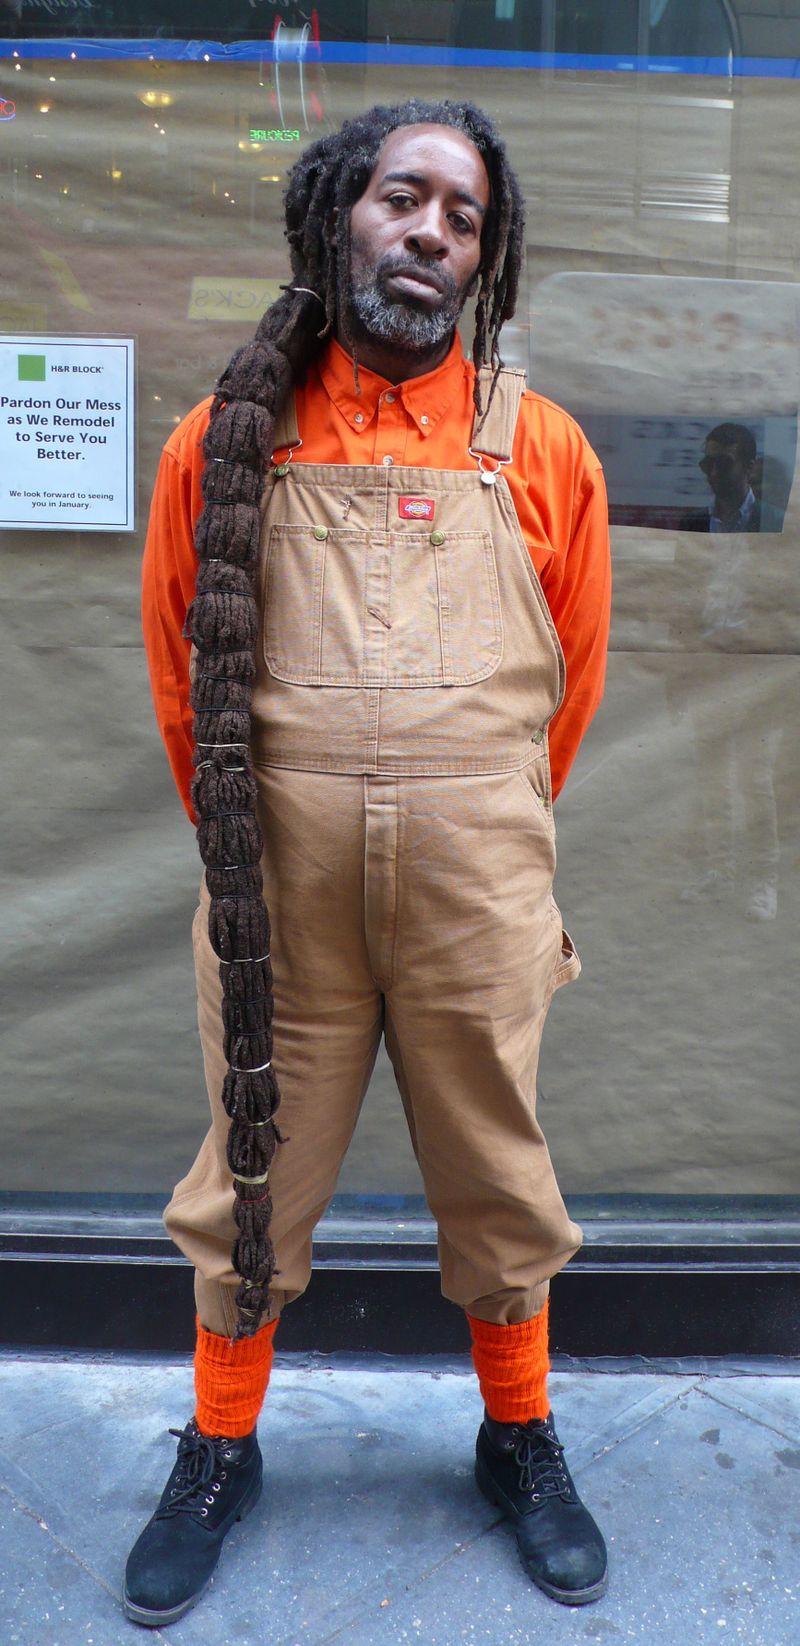 Dread in overalls